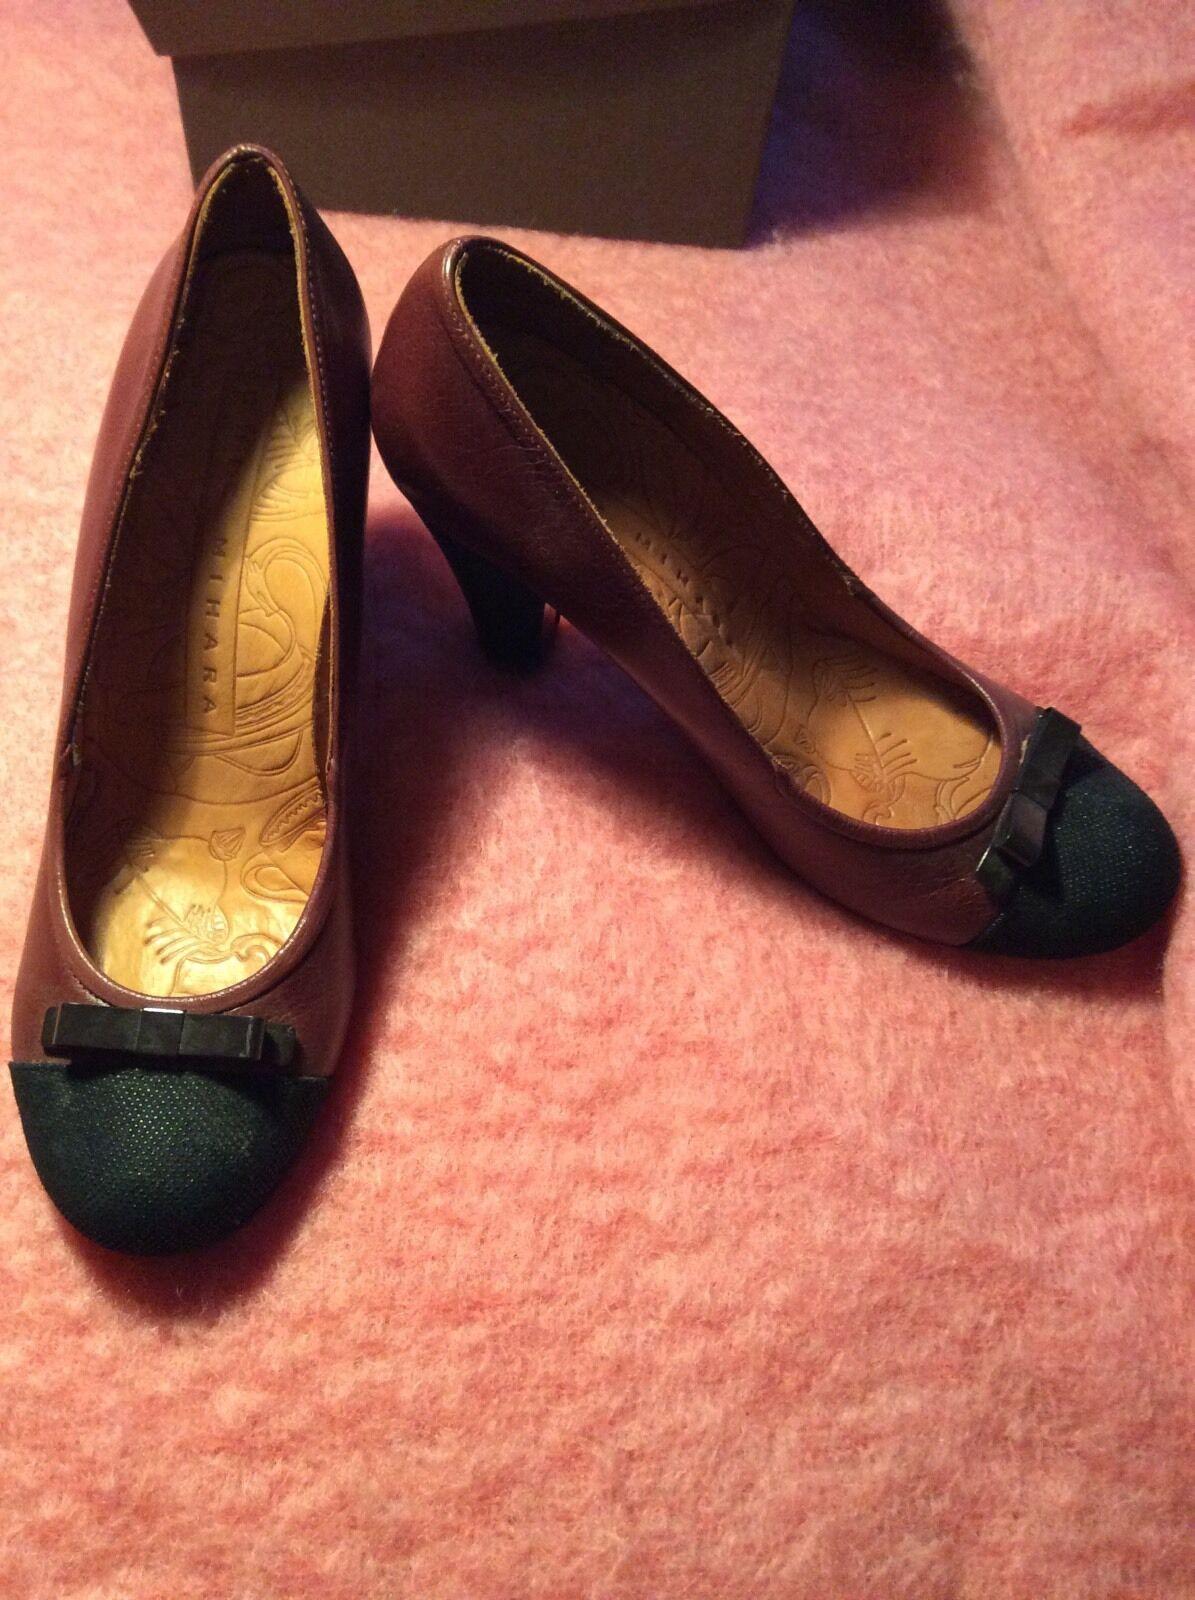 Descuento de liquidación NEW Chie Mihara Pumps 39,5 High Heels brown Schuhe